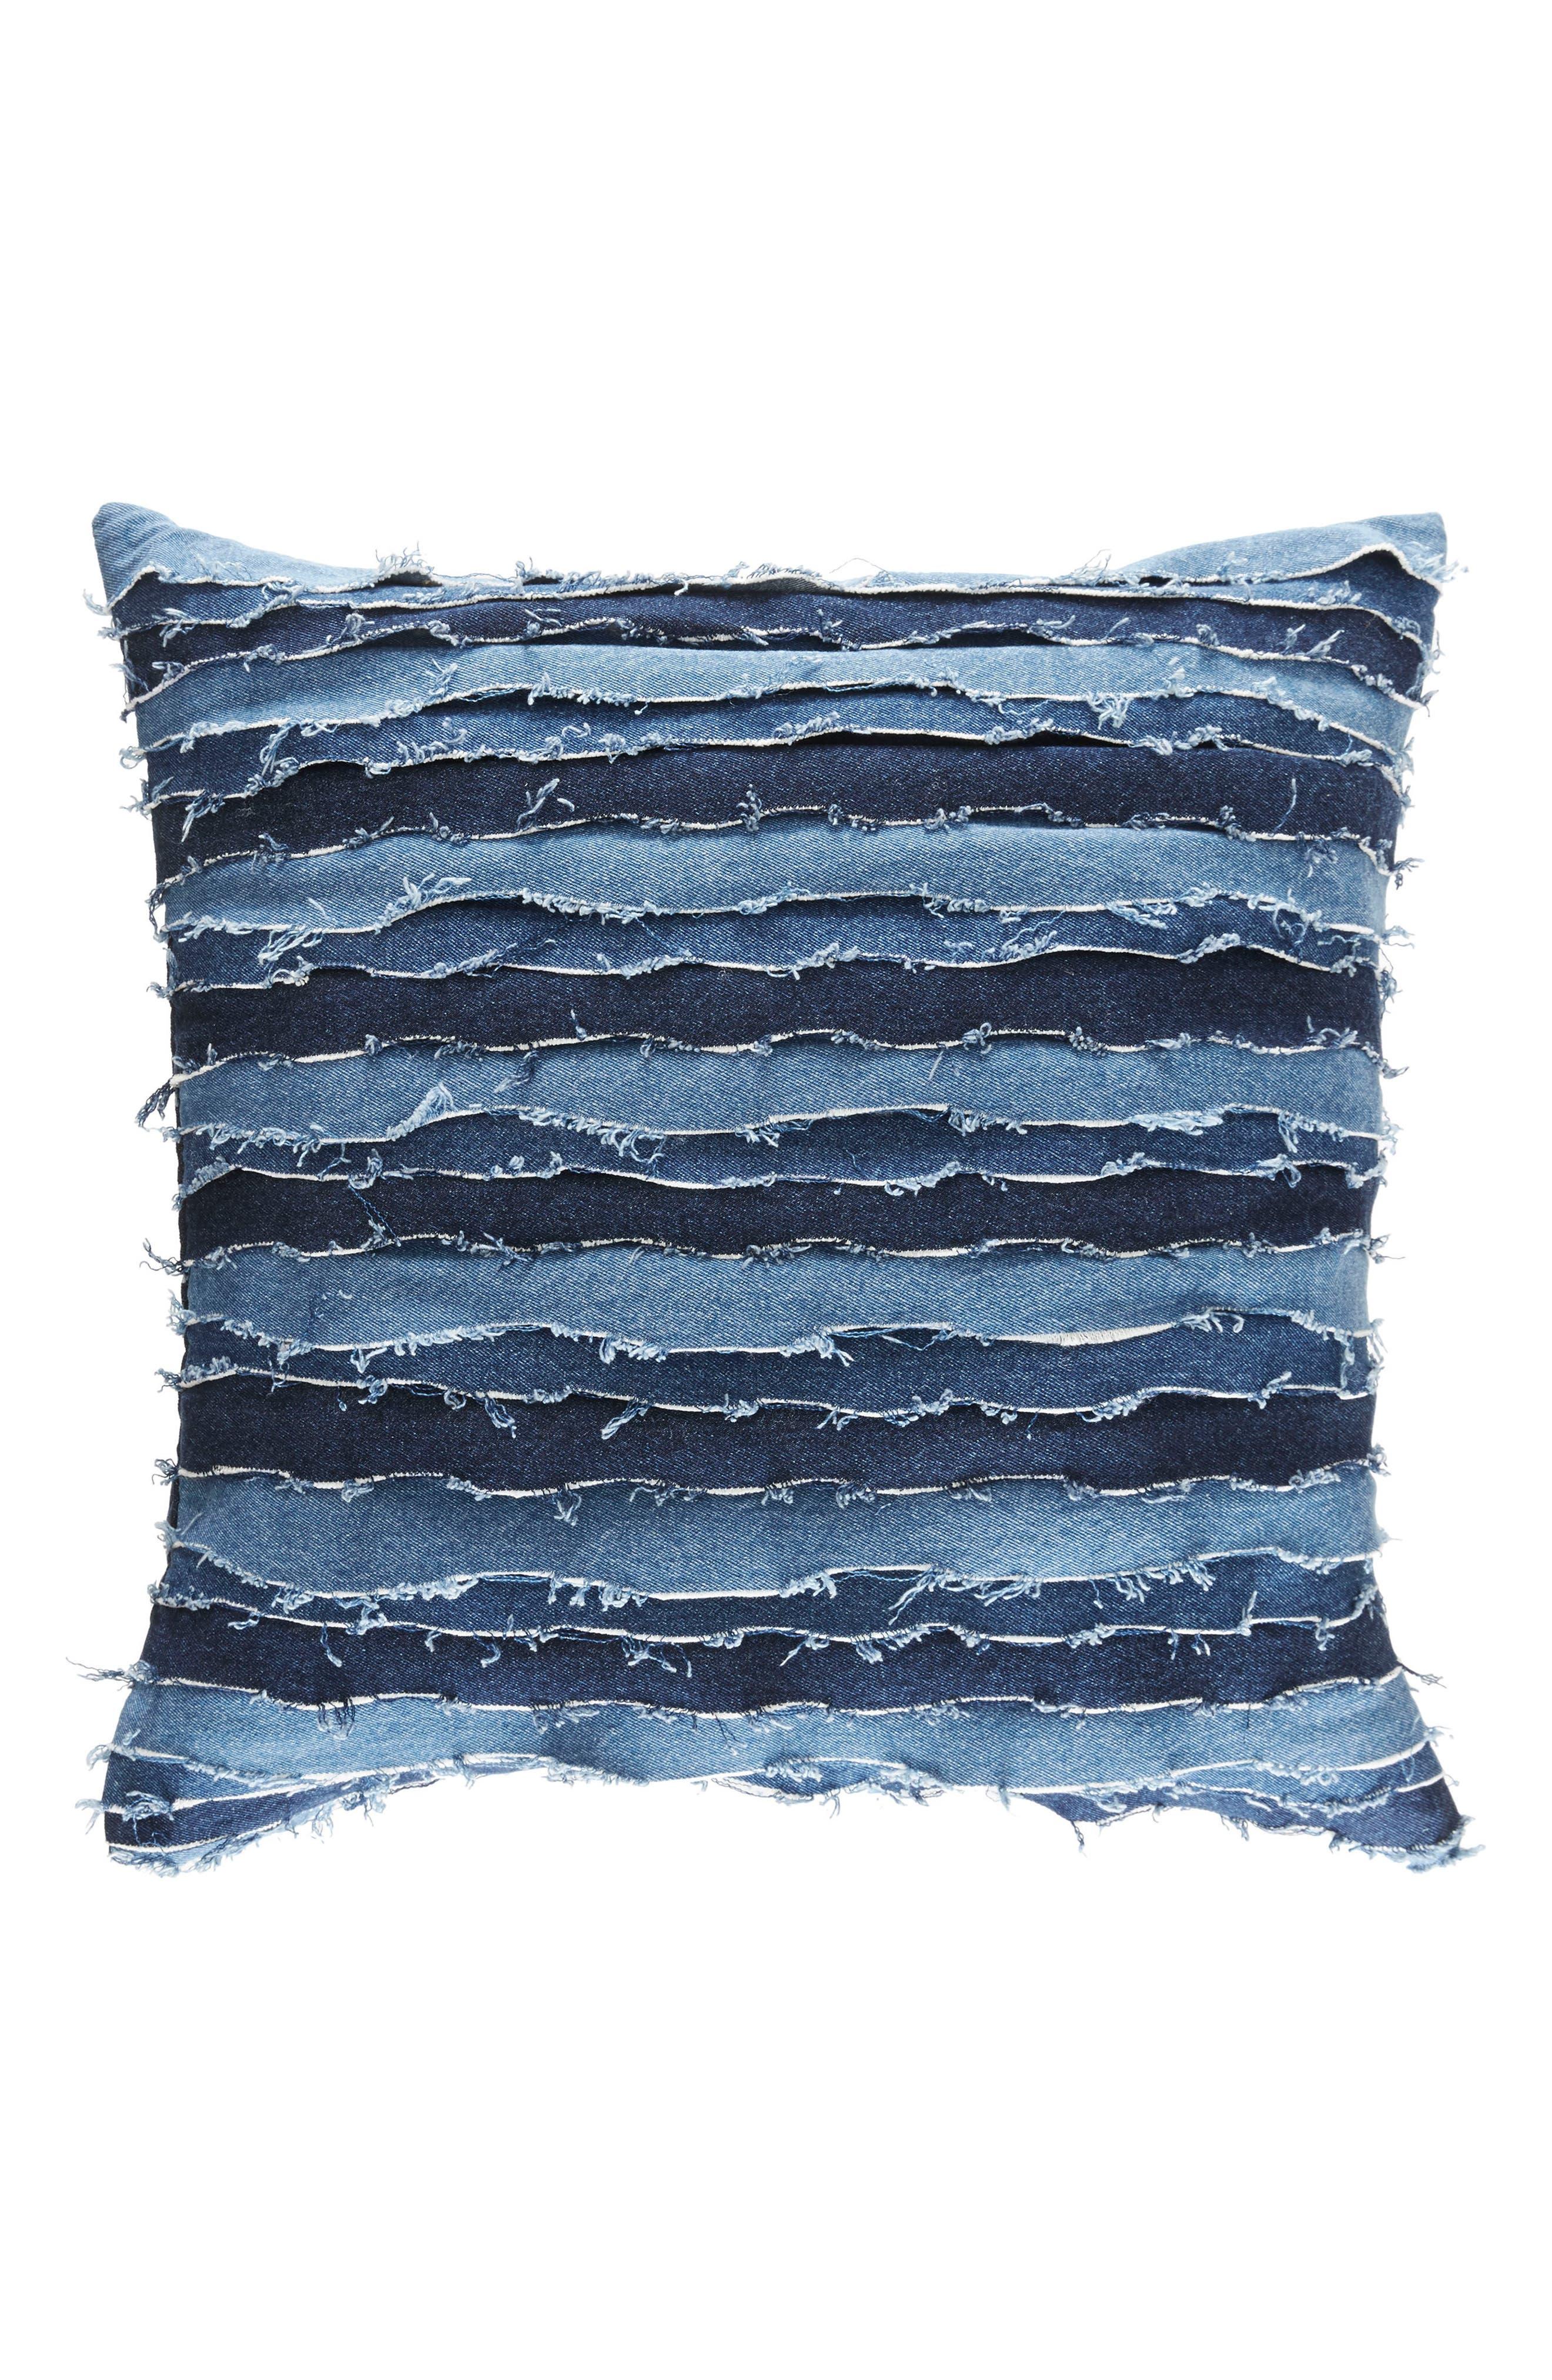 Destroyed Denim Accent Pillow,                             Main thumbnail 1, color,                             Denim Blue